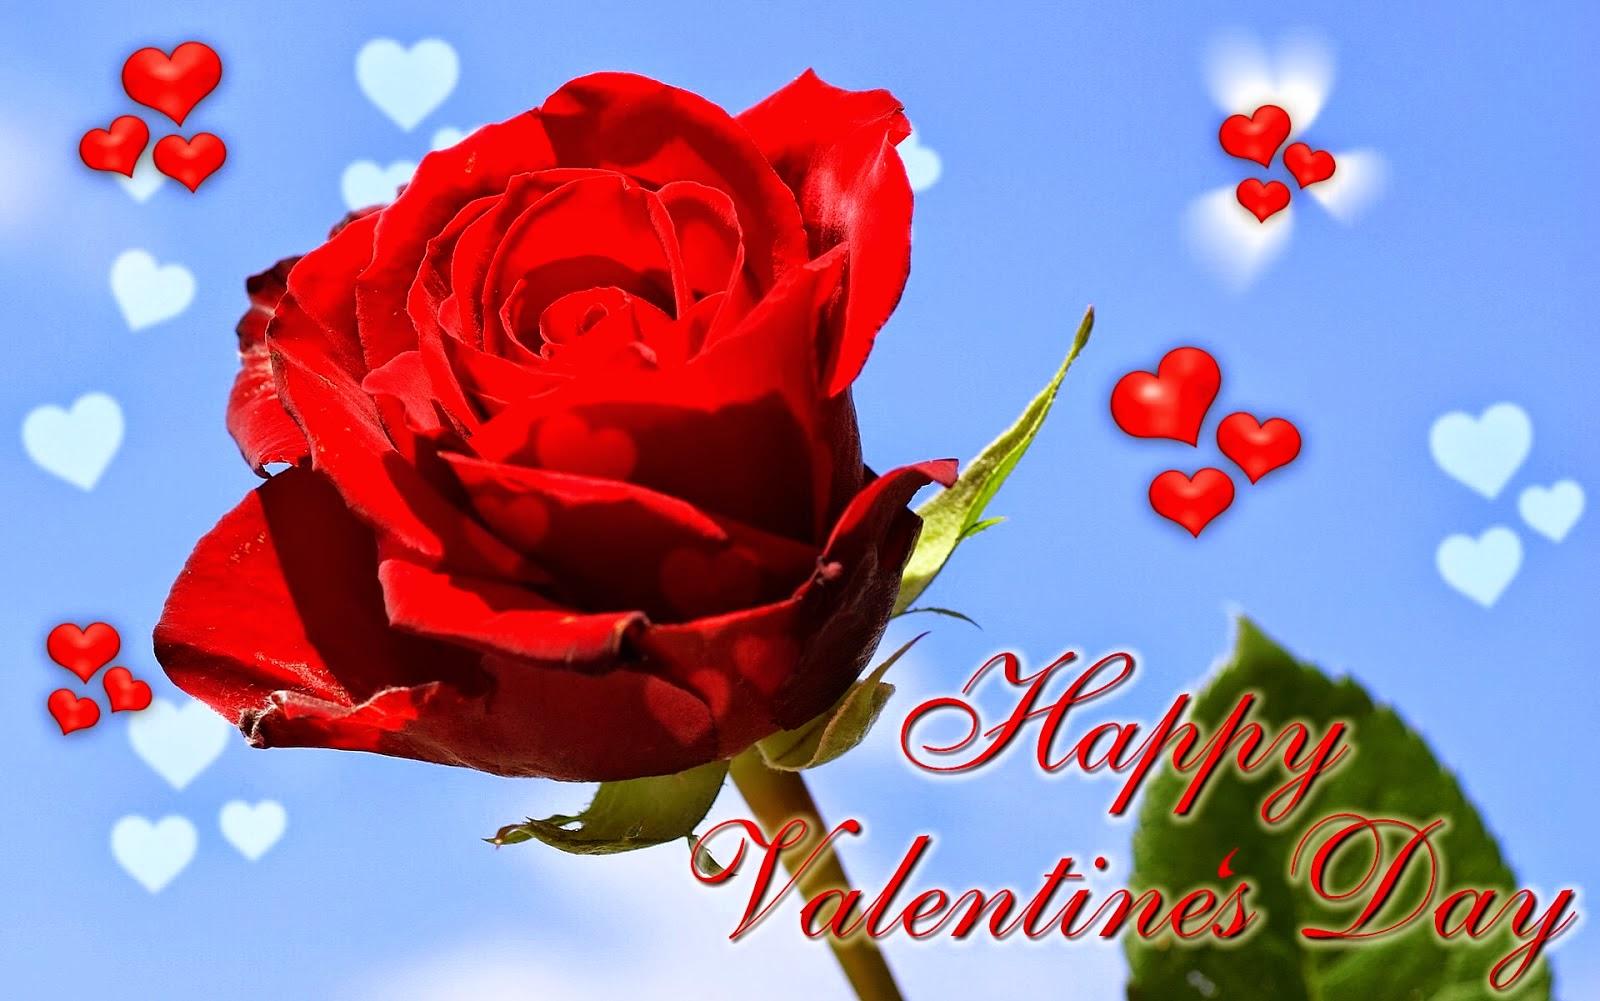 čestitke za valentinovo slike Besplatne Čestitke: Prelijepa crvena ruža uz čestitku Happy  čestitke za valentinovo slike